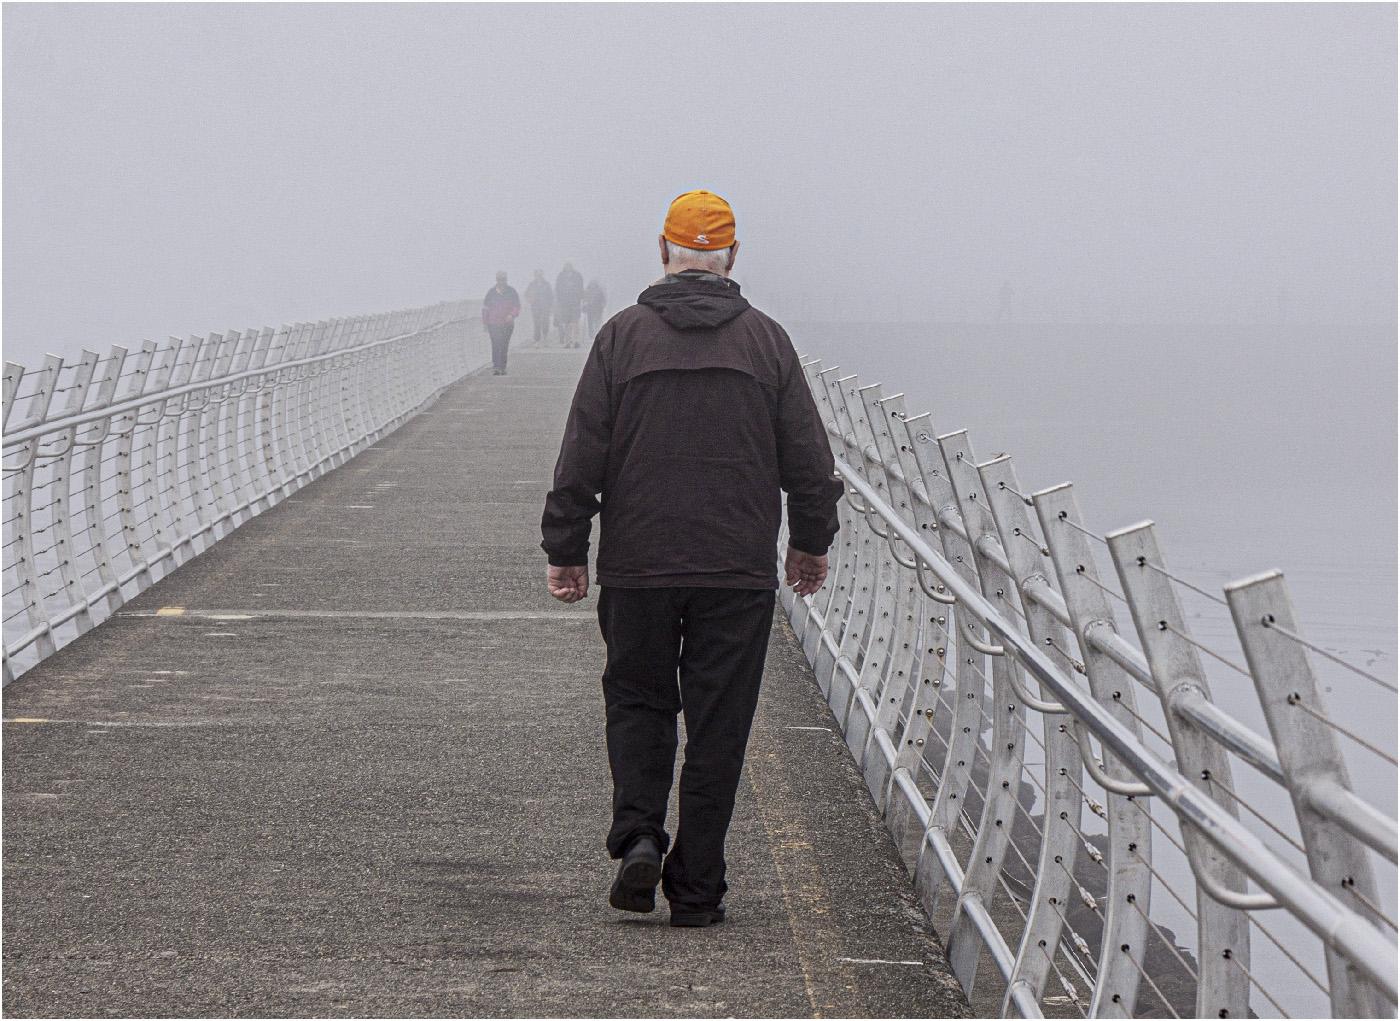 Commended: Man with Orange Hat (Julie Oakley)